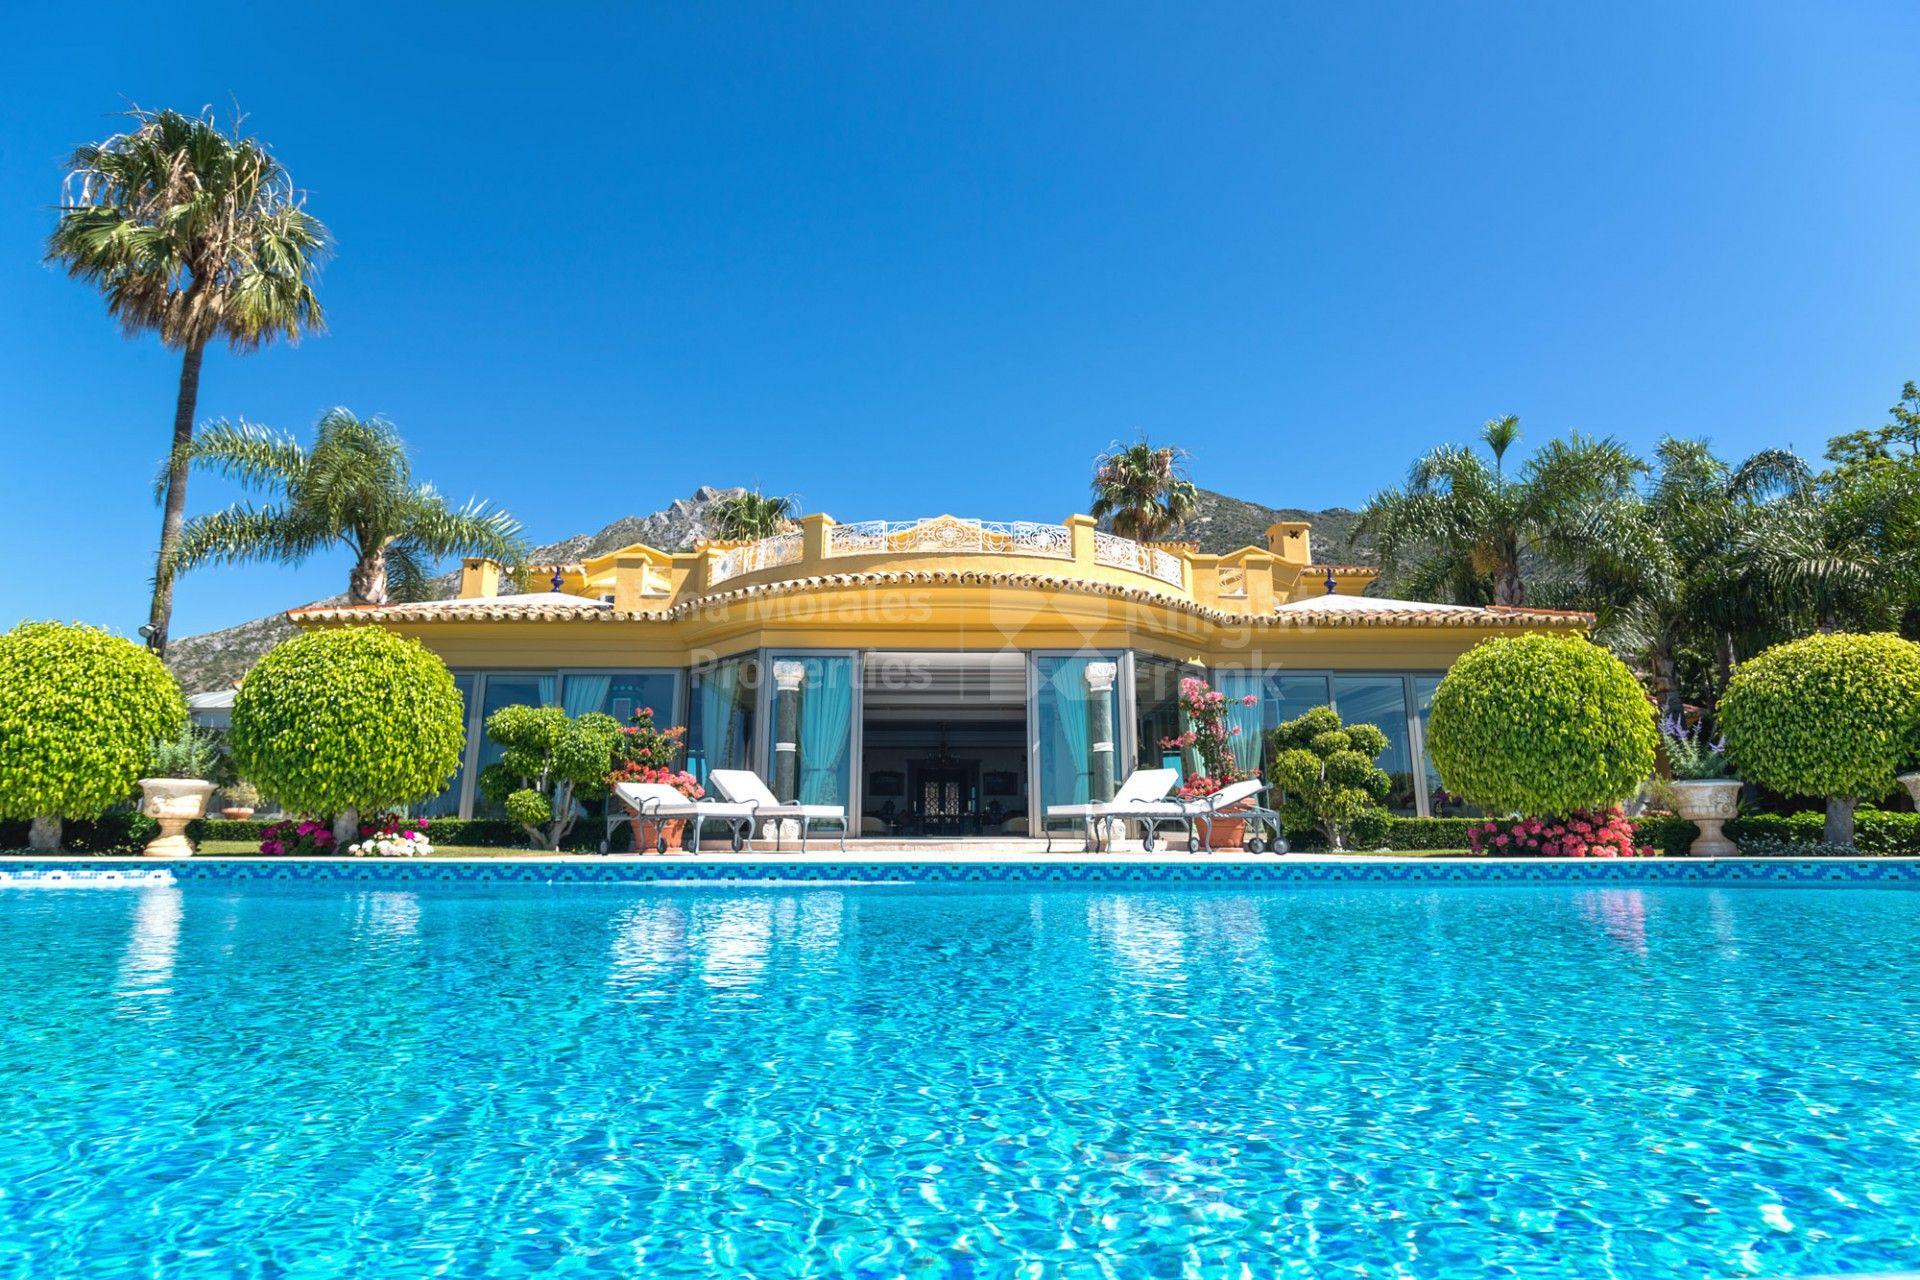 Fabulous Villa In Sierra Blanca Villa for sale in Sierra